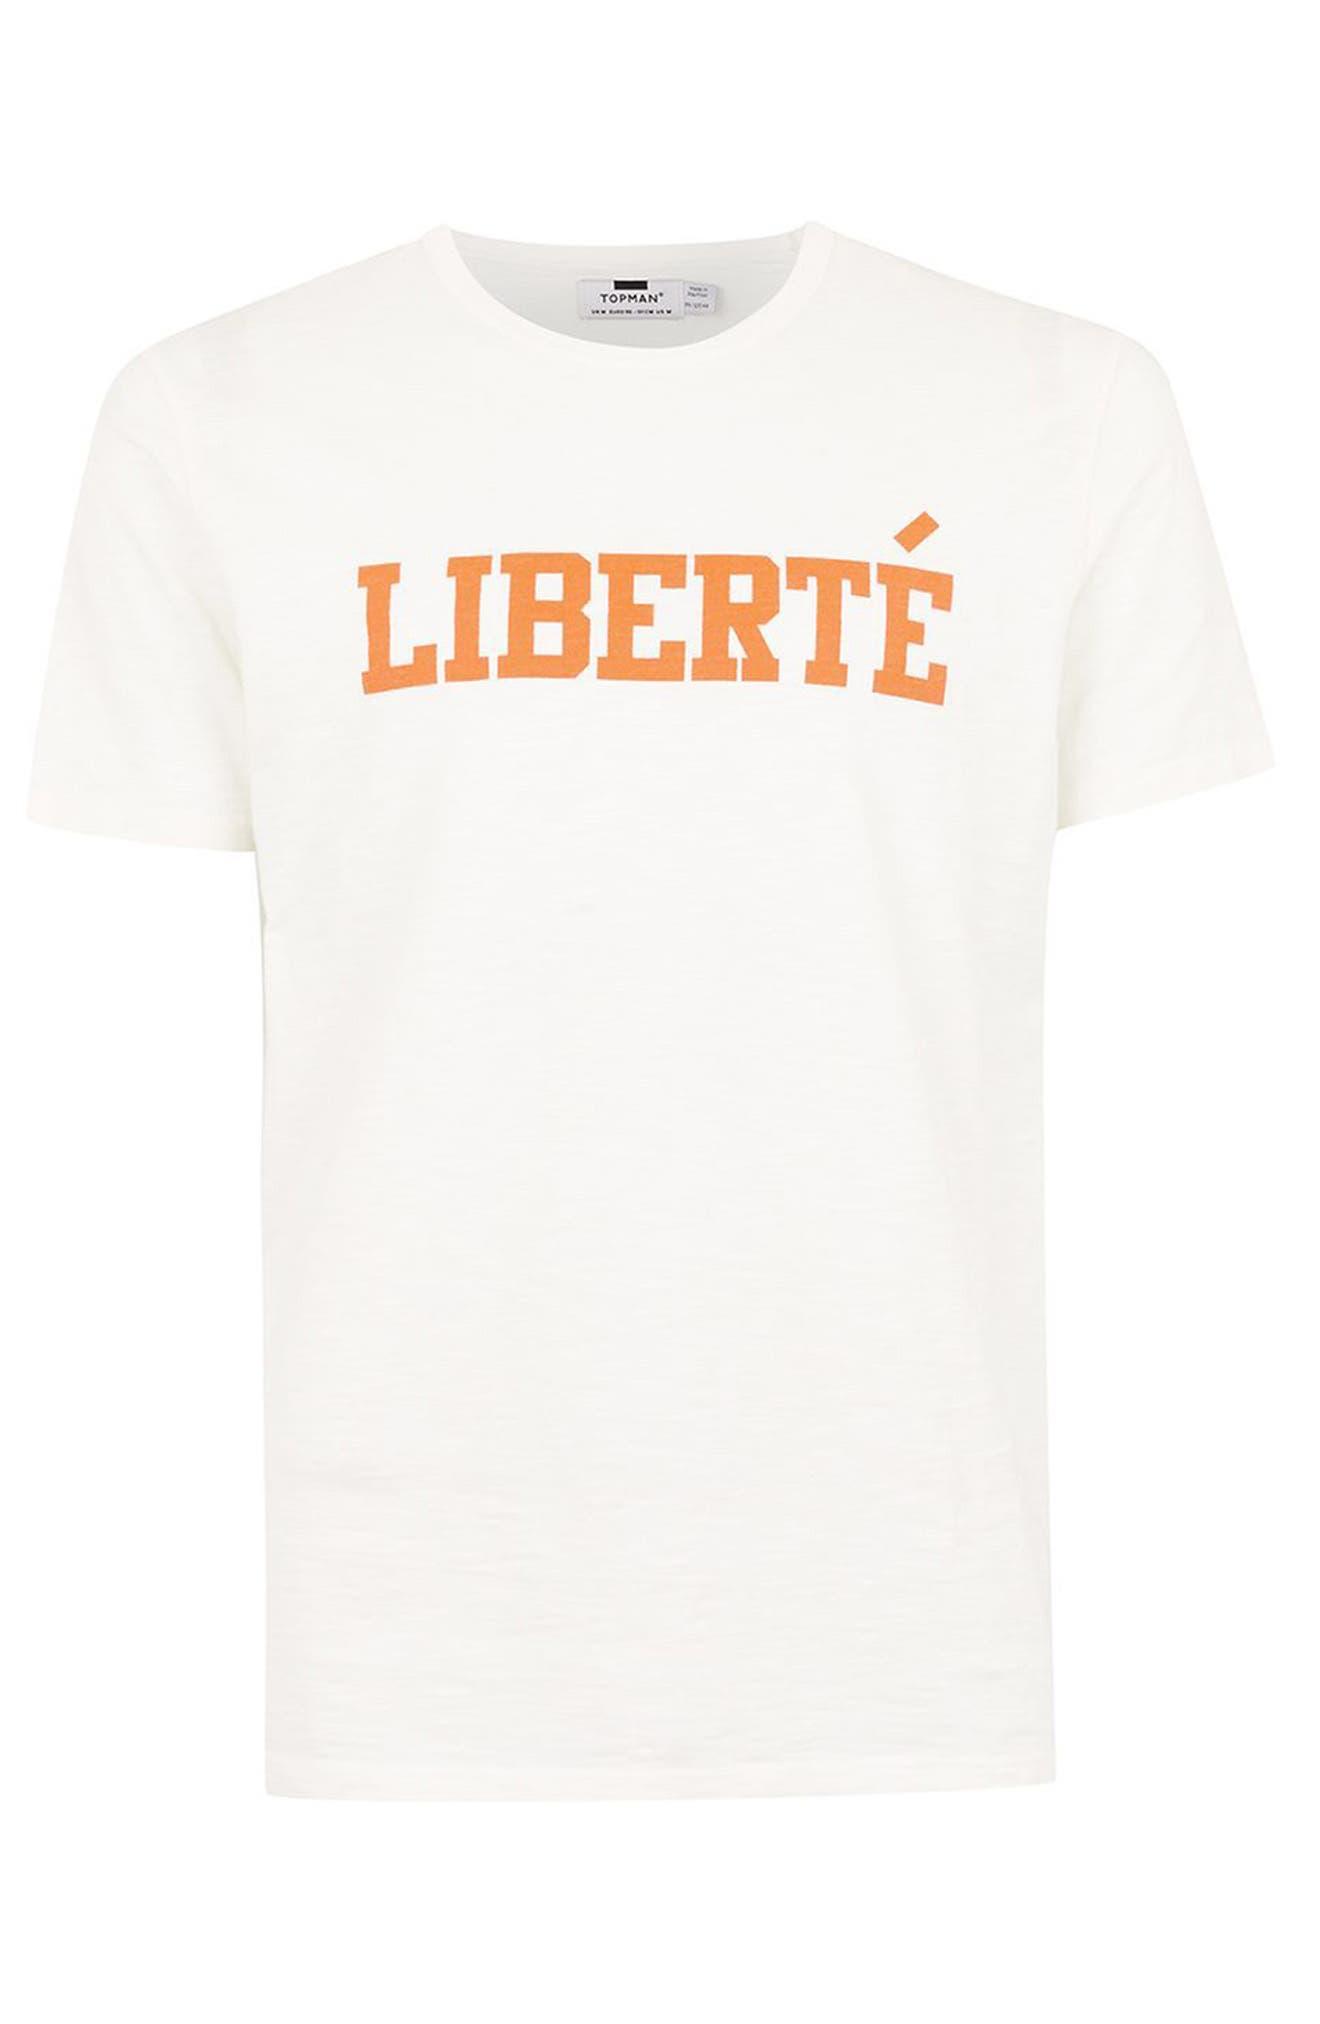 Liberté Graphic T-Shirt,                             Alternate thumbnail 4, color,                             100